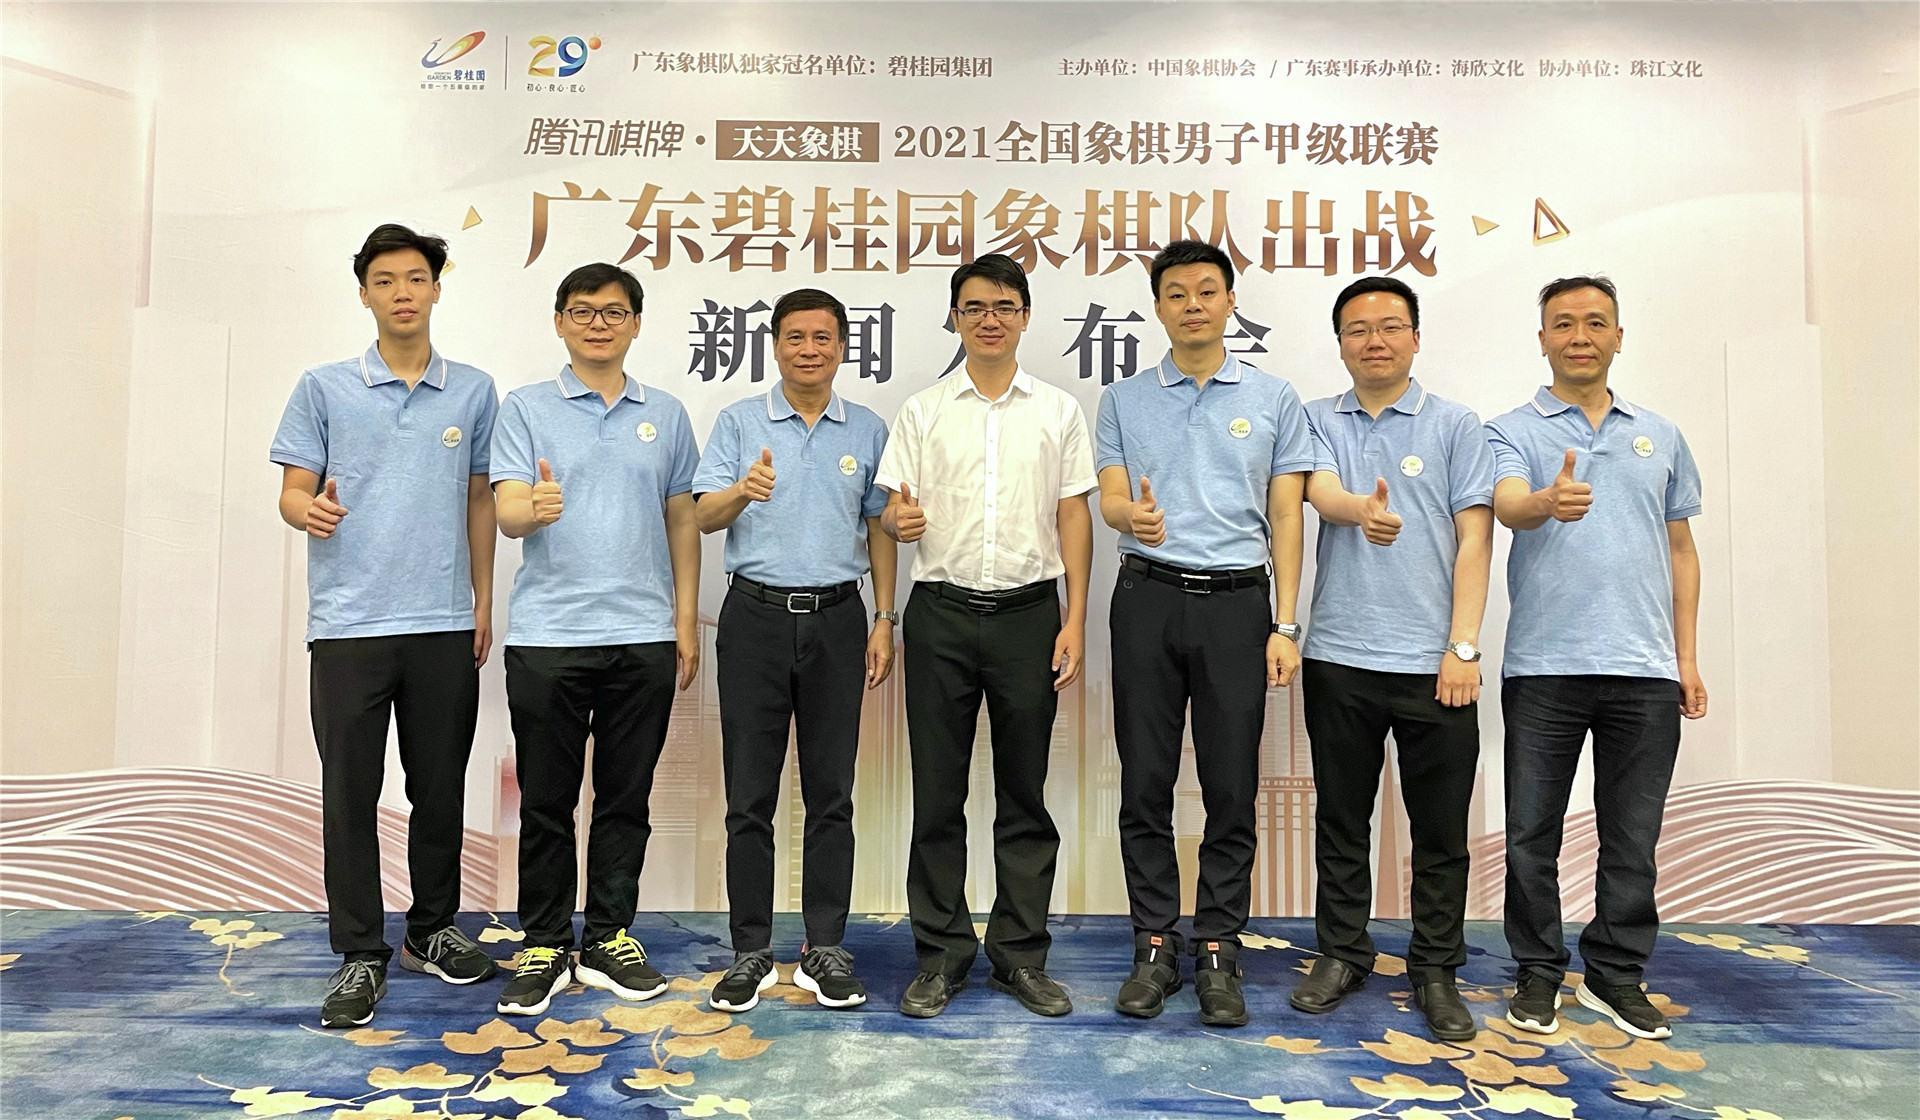 广东碧桂园象棋队新阵容迎战2021象甲联赛